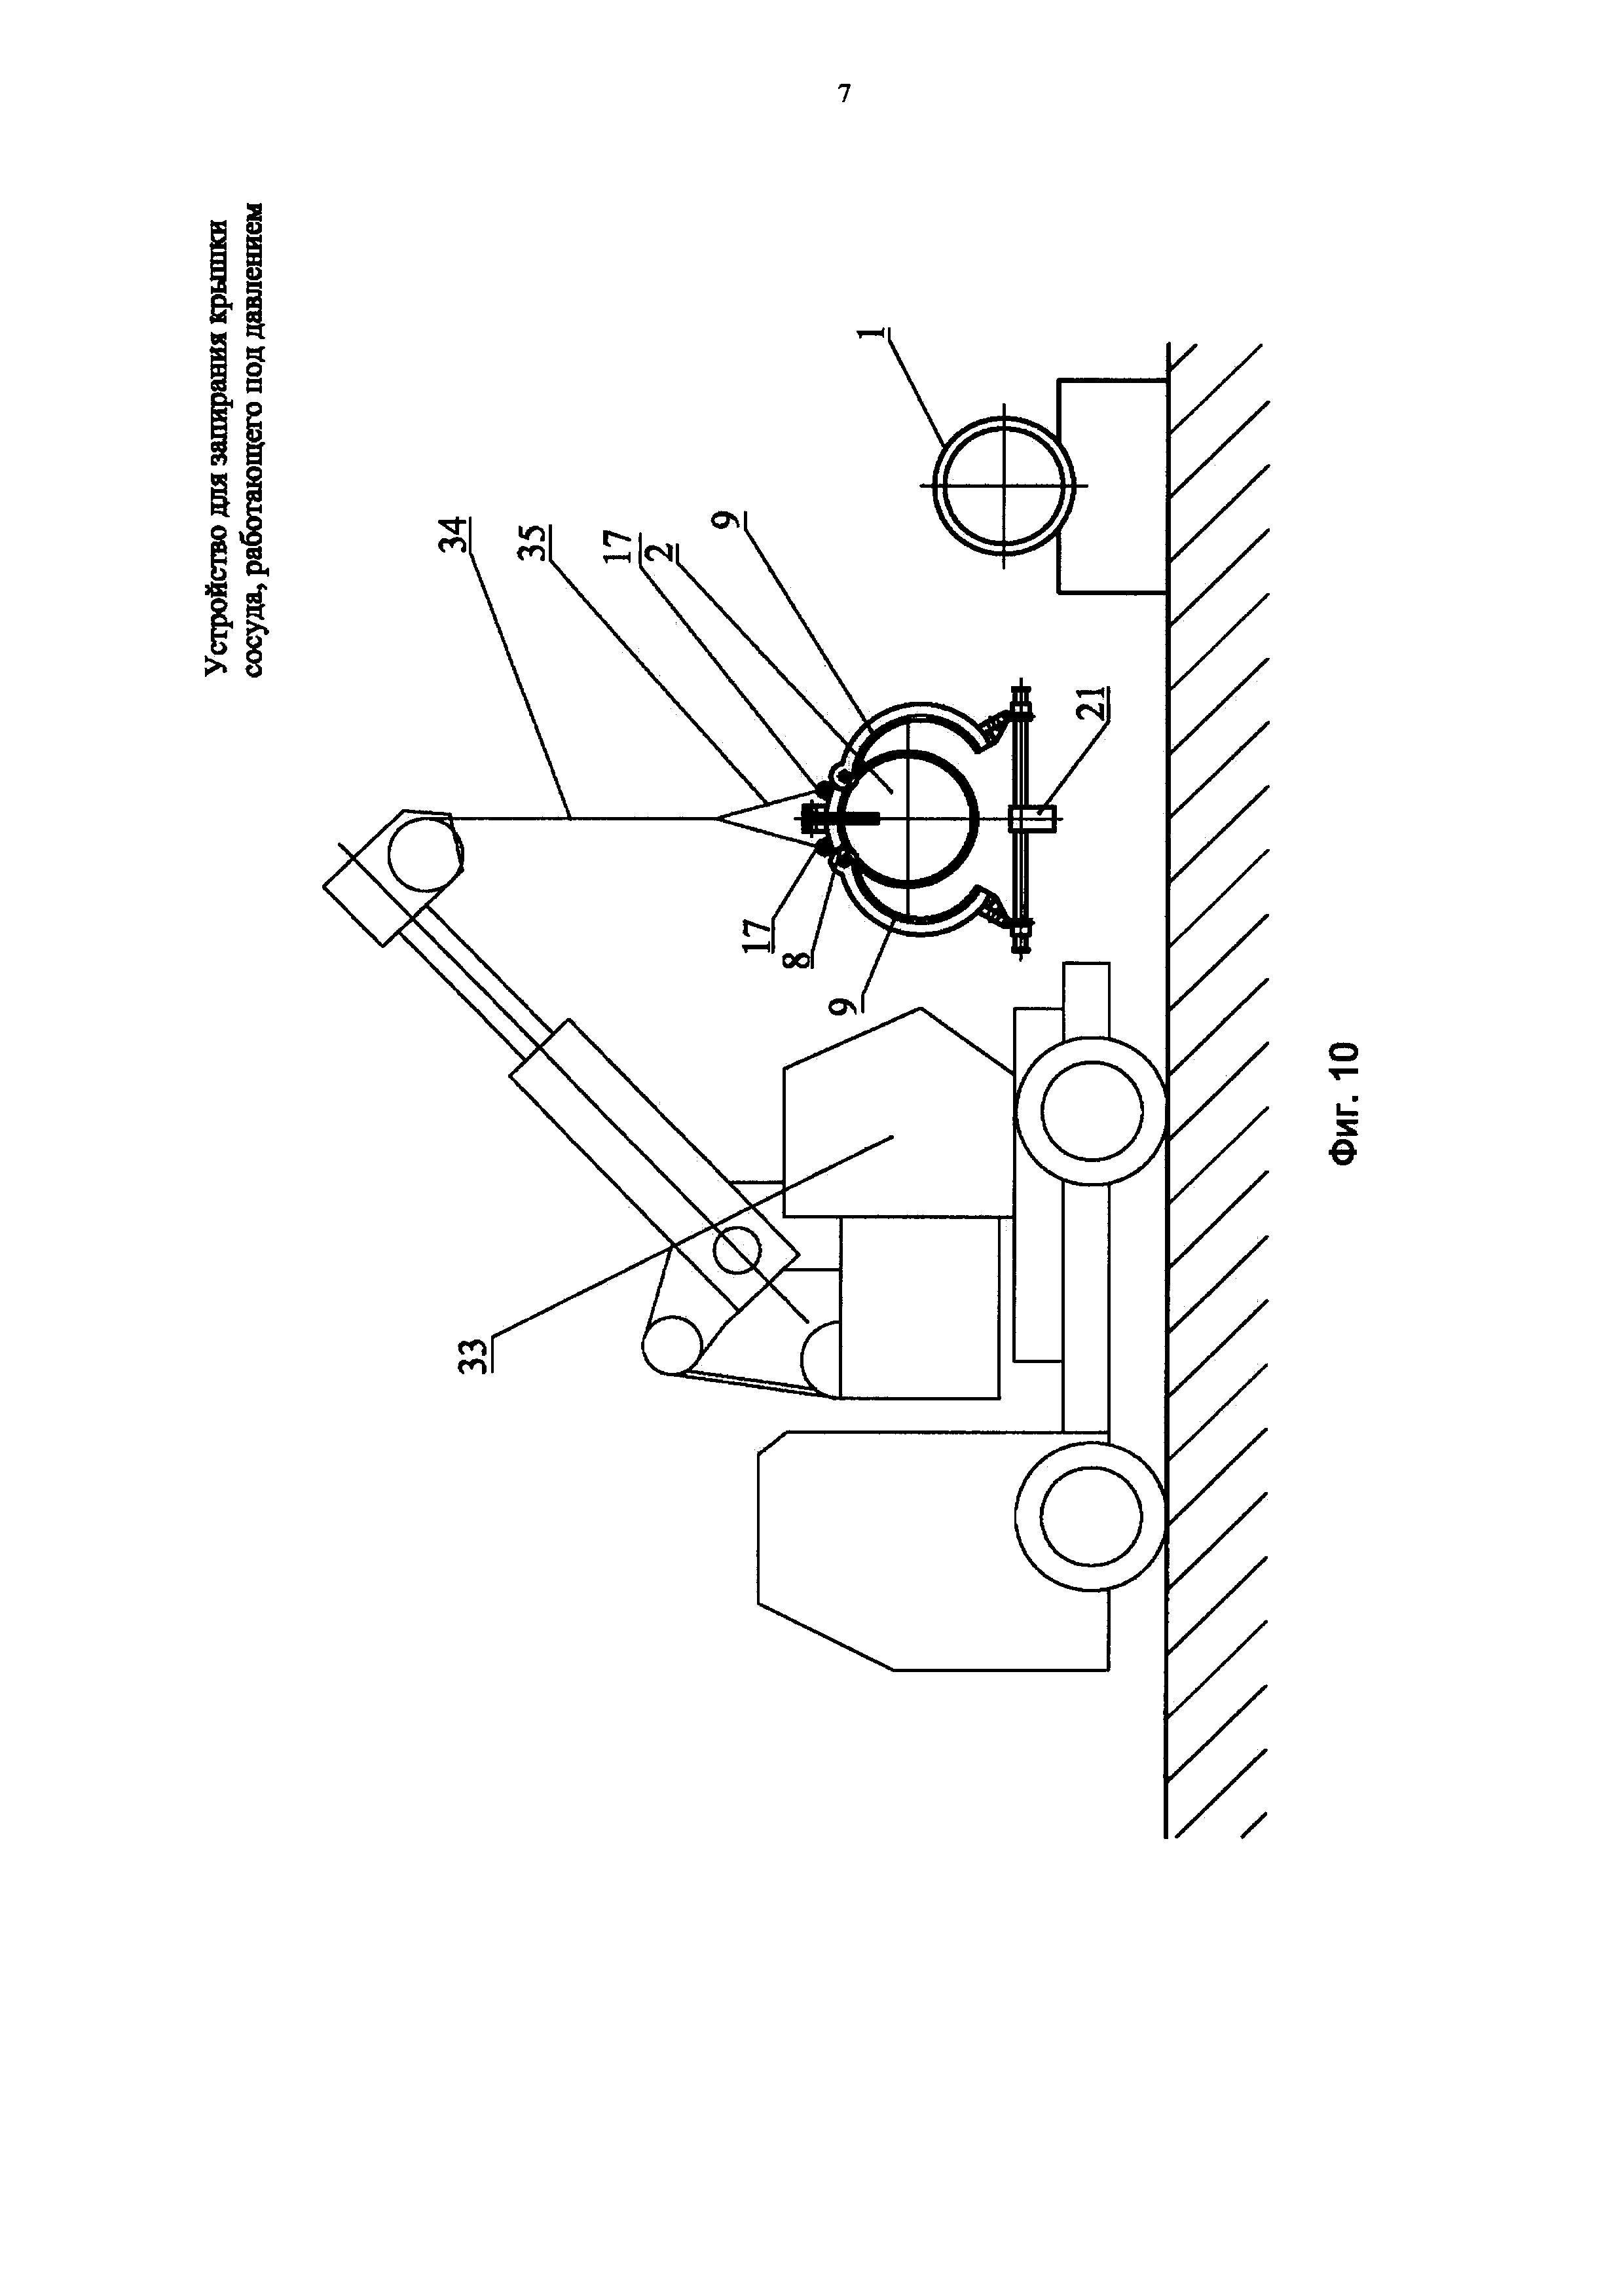 Теплообменники относятся к сосудам под давлением Уплотнения теплообменника КС 300 Елец